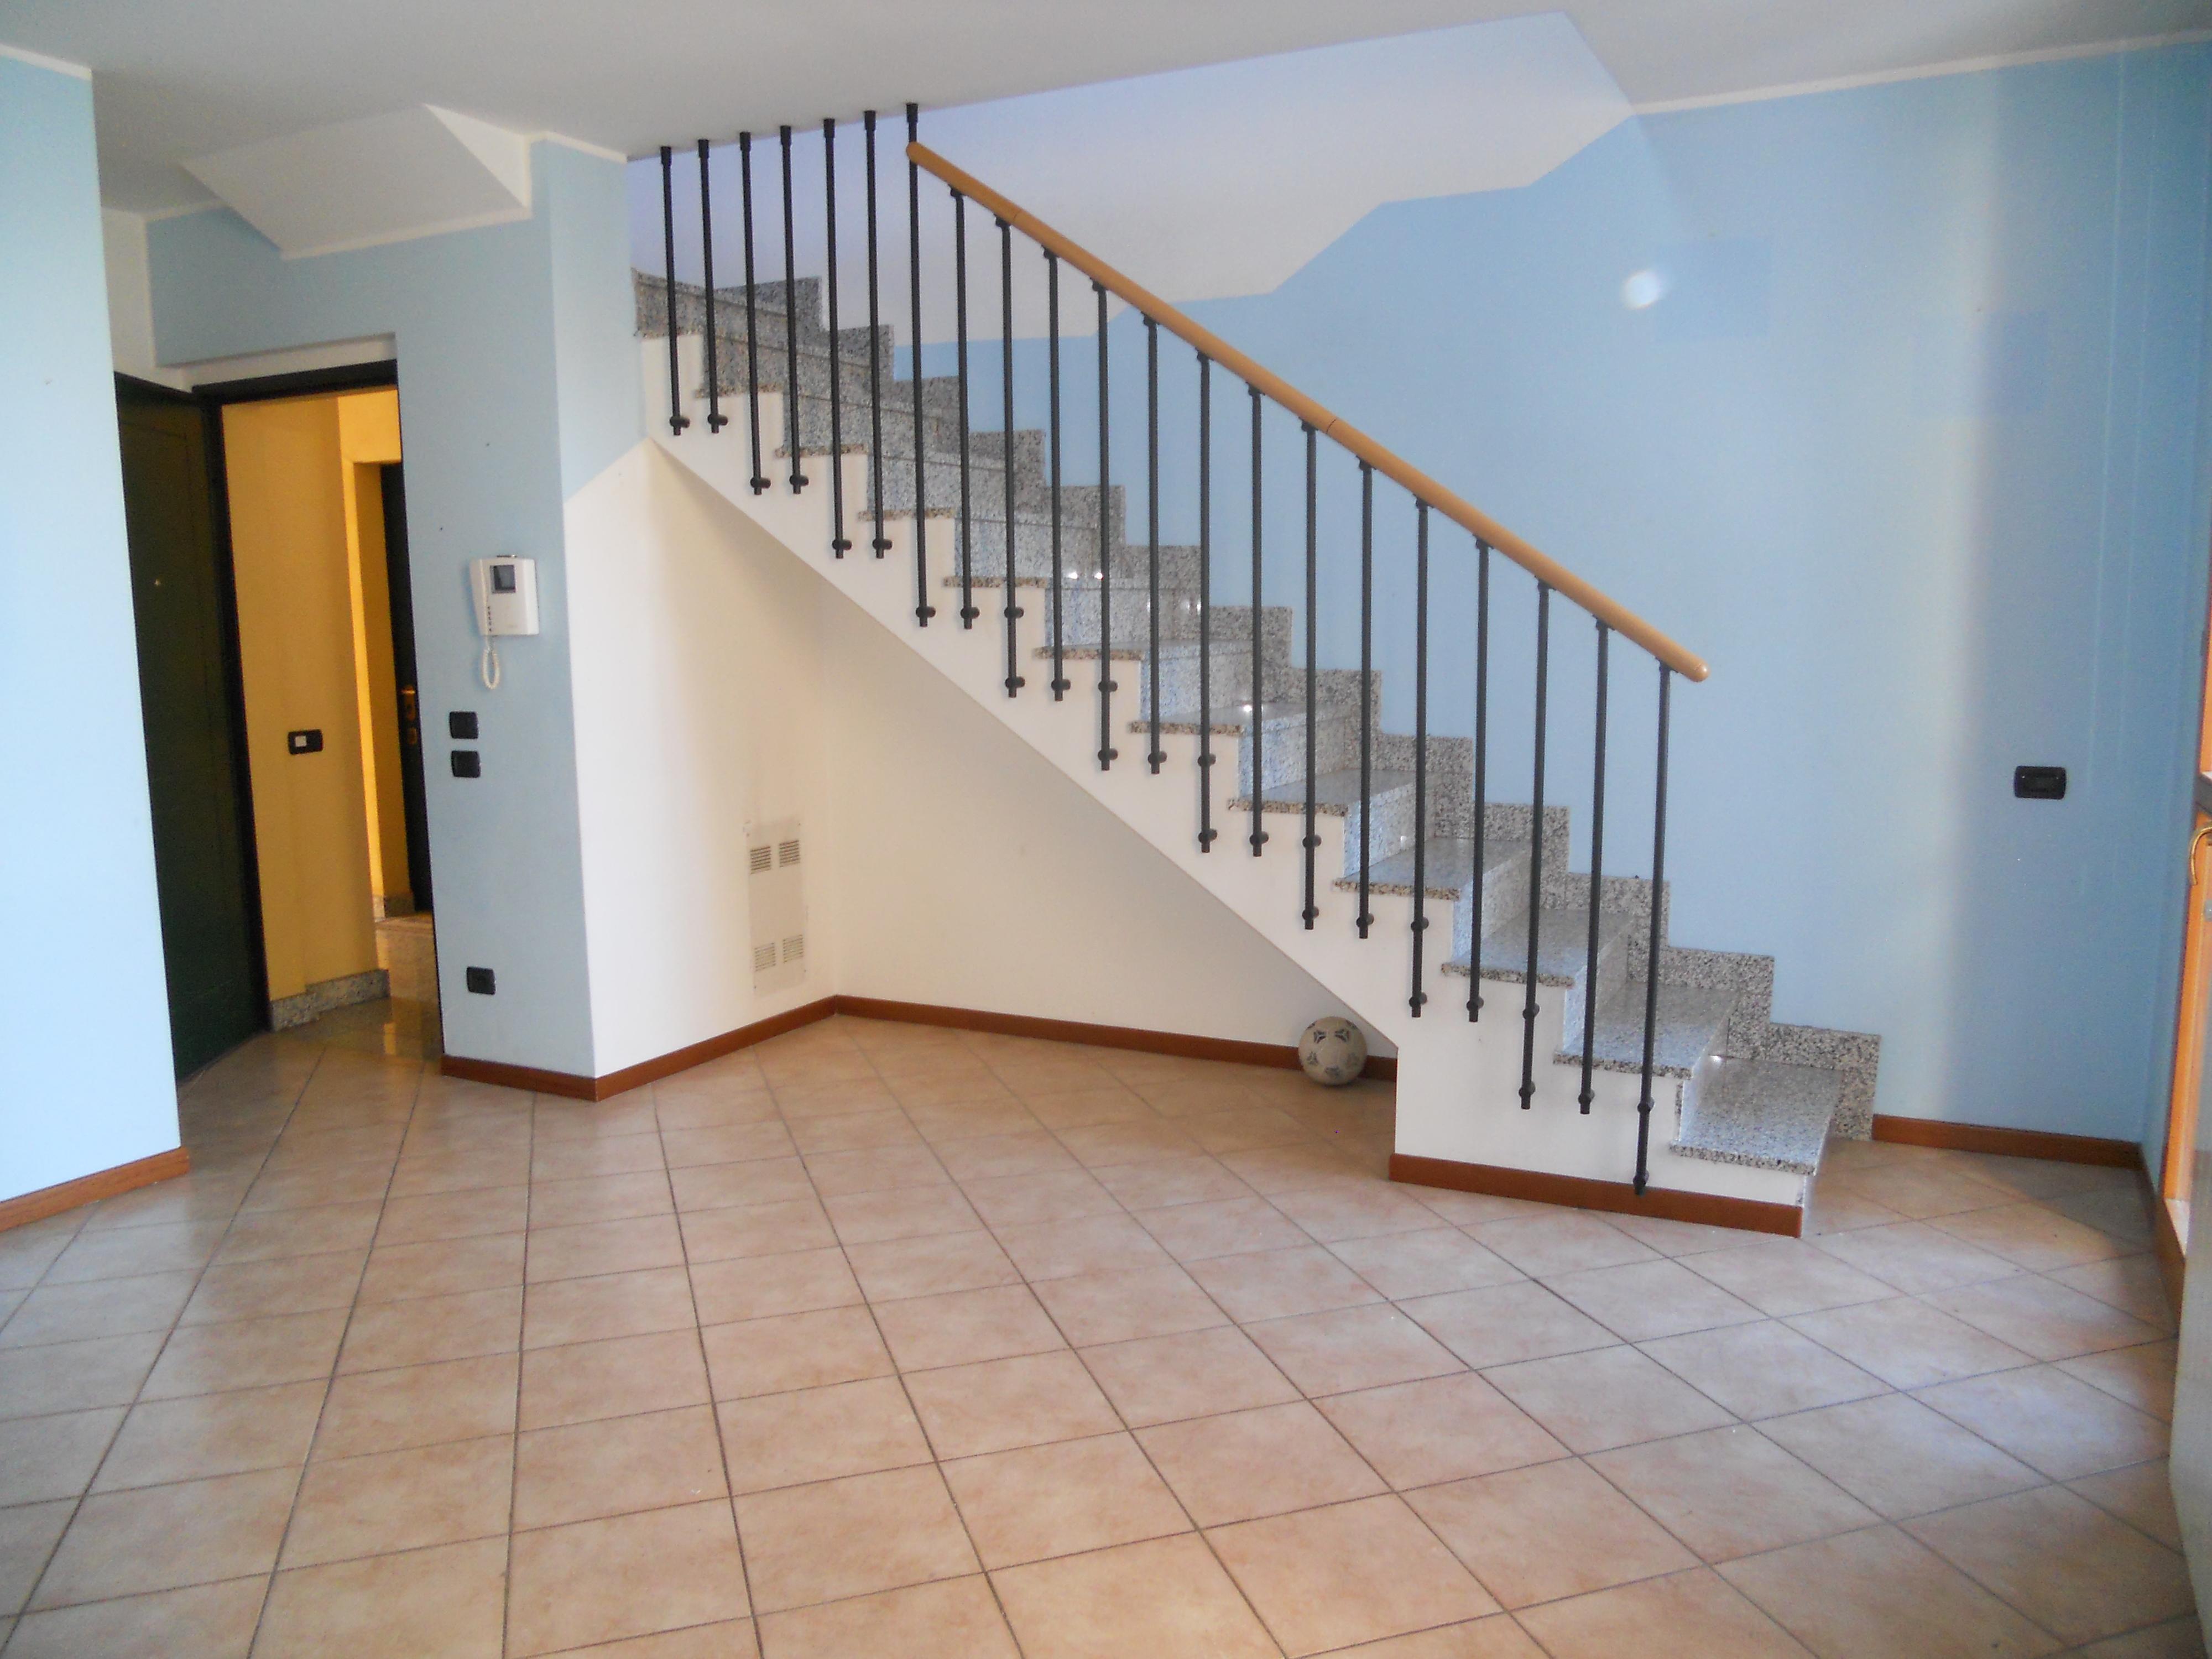 Bilocale su due livelli immobiliare valenti for Seminterrato su due livelli